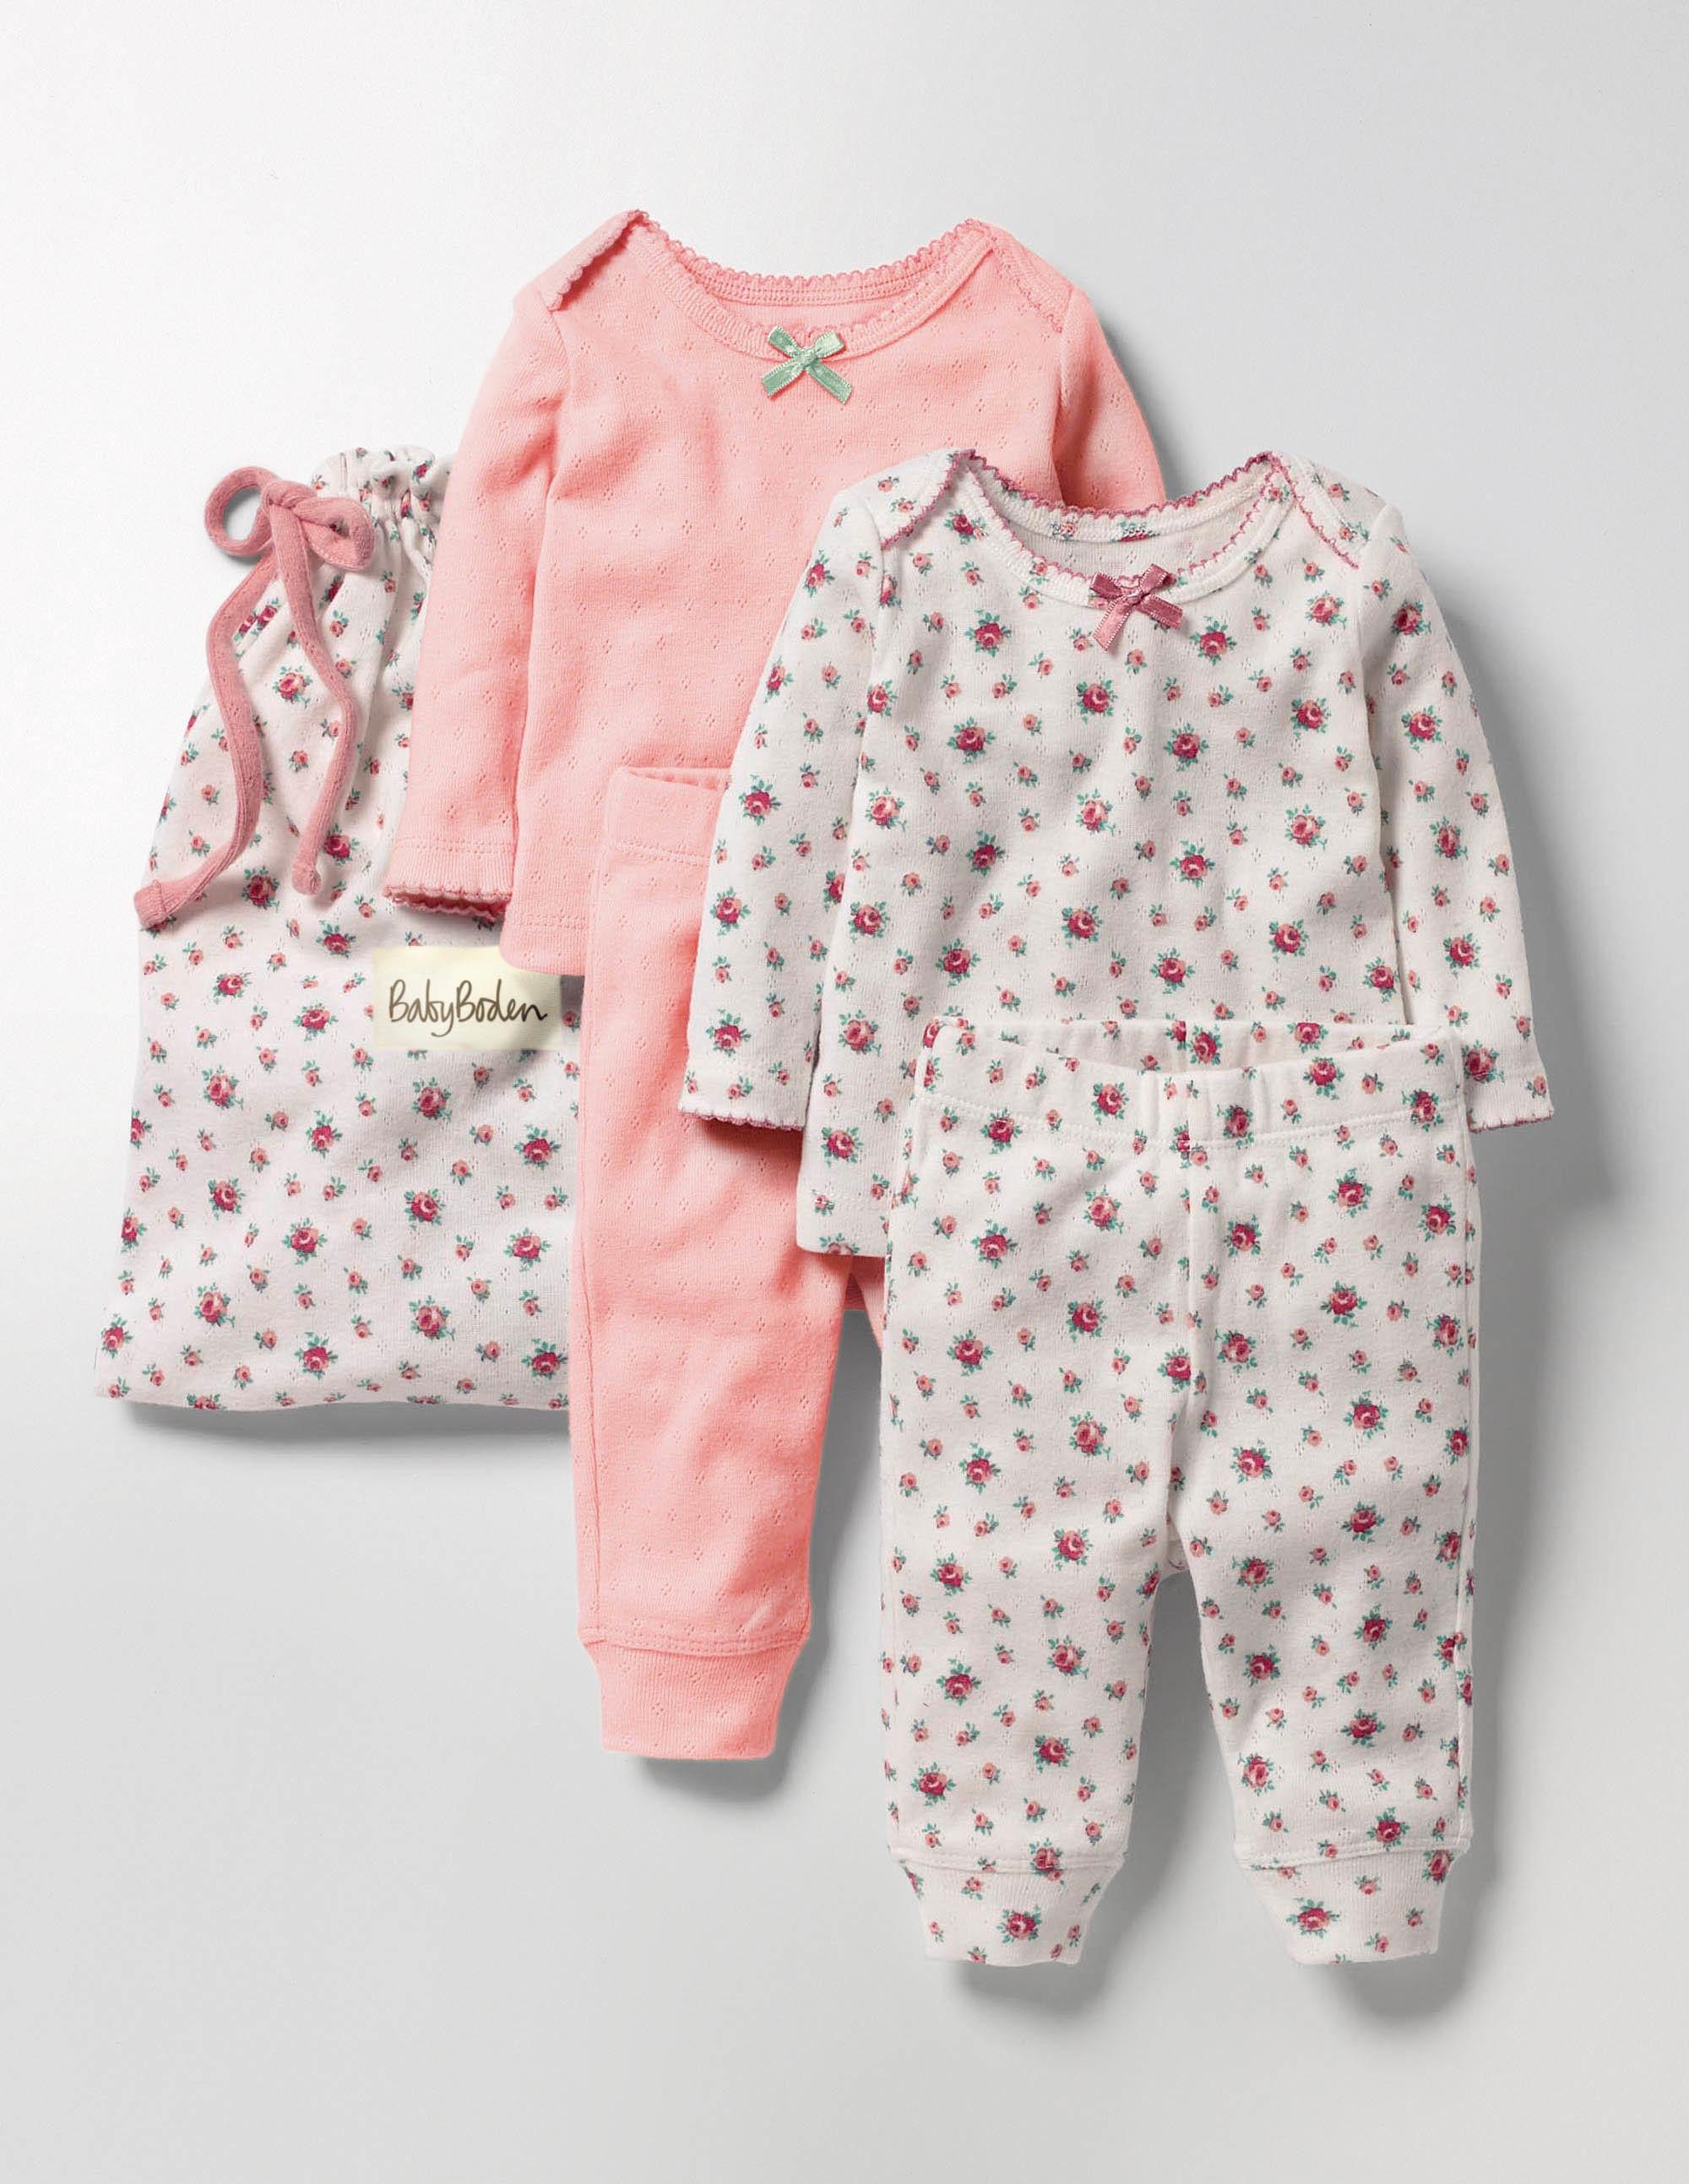 Baby schnuller set preisvergleich die besten angebote for Baby boden mode